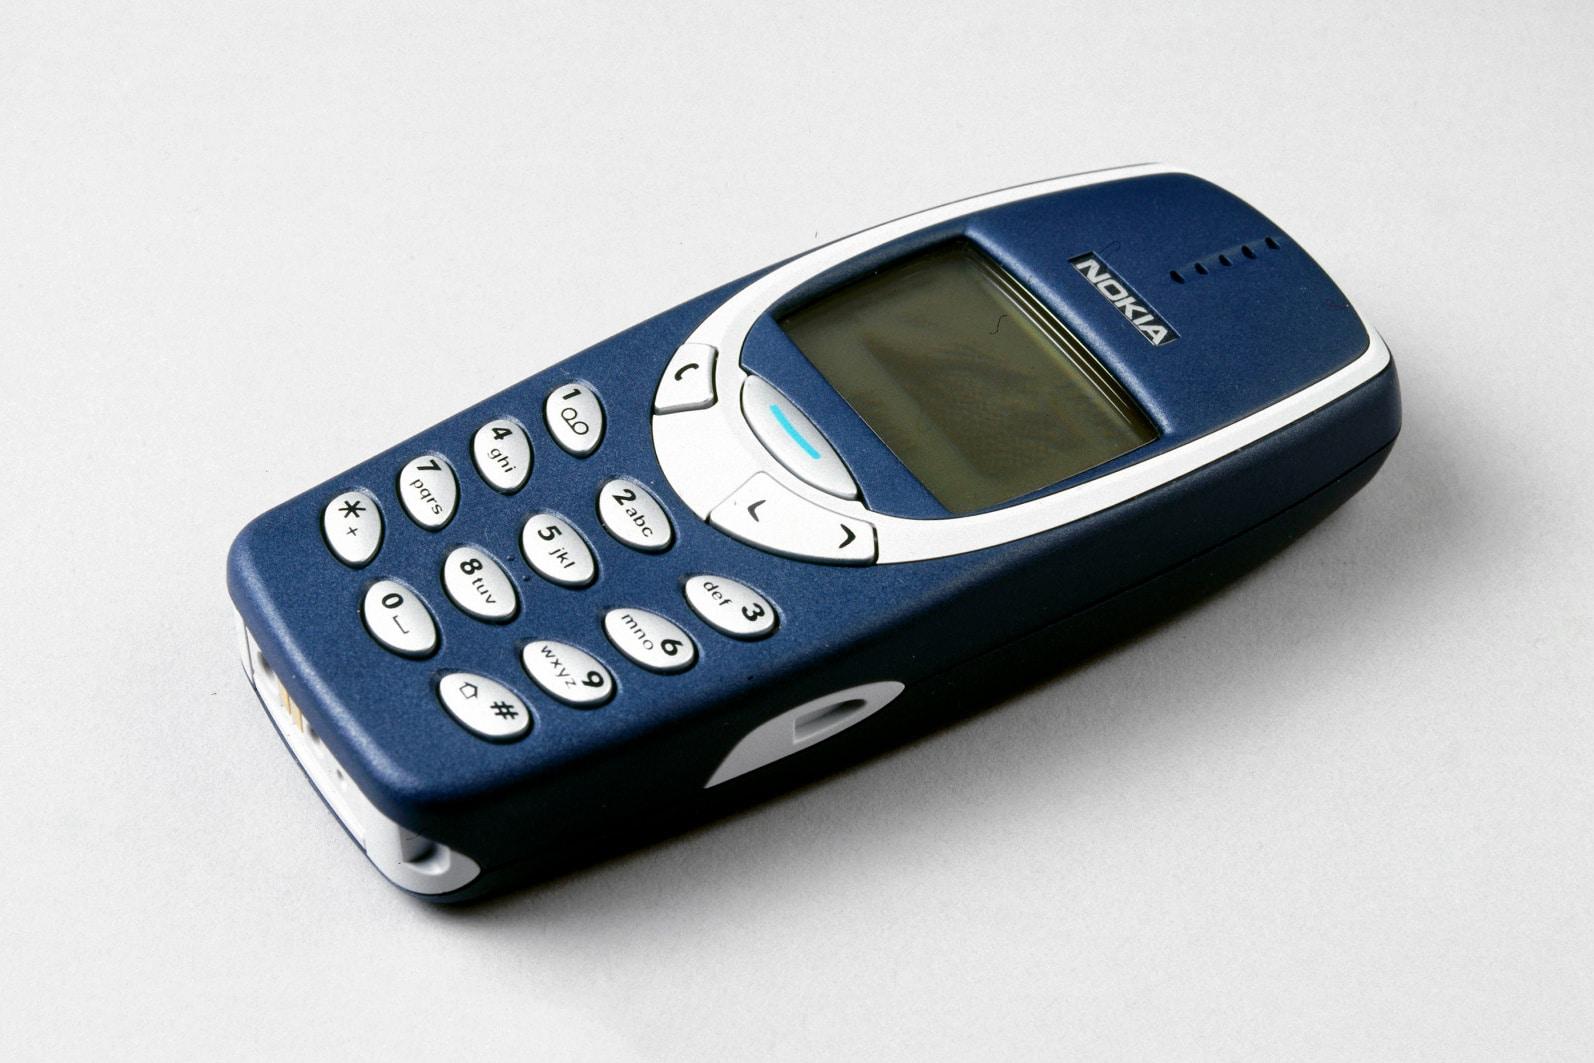 Nokia 3310 re-release Mobile World Congress